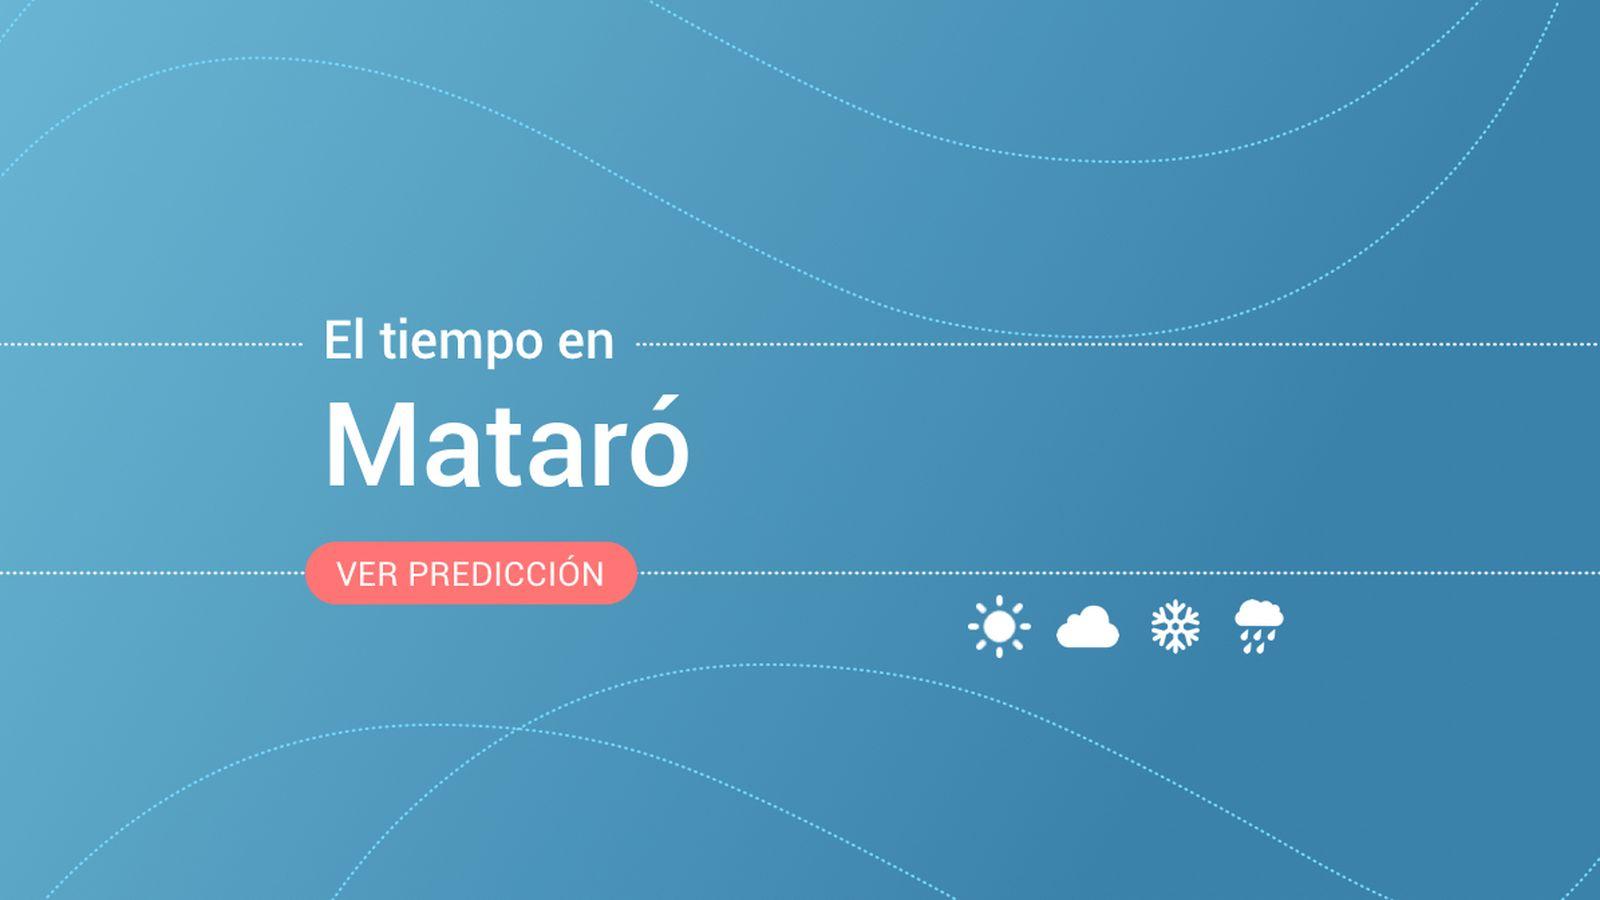 Foto: El tiempo en Mataró. (EC)